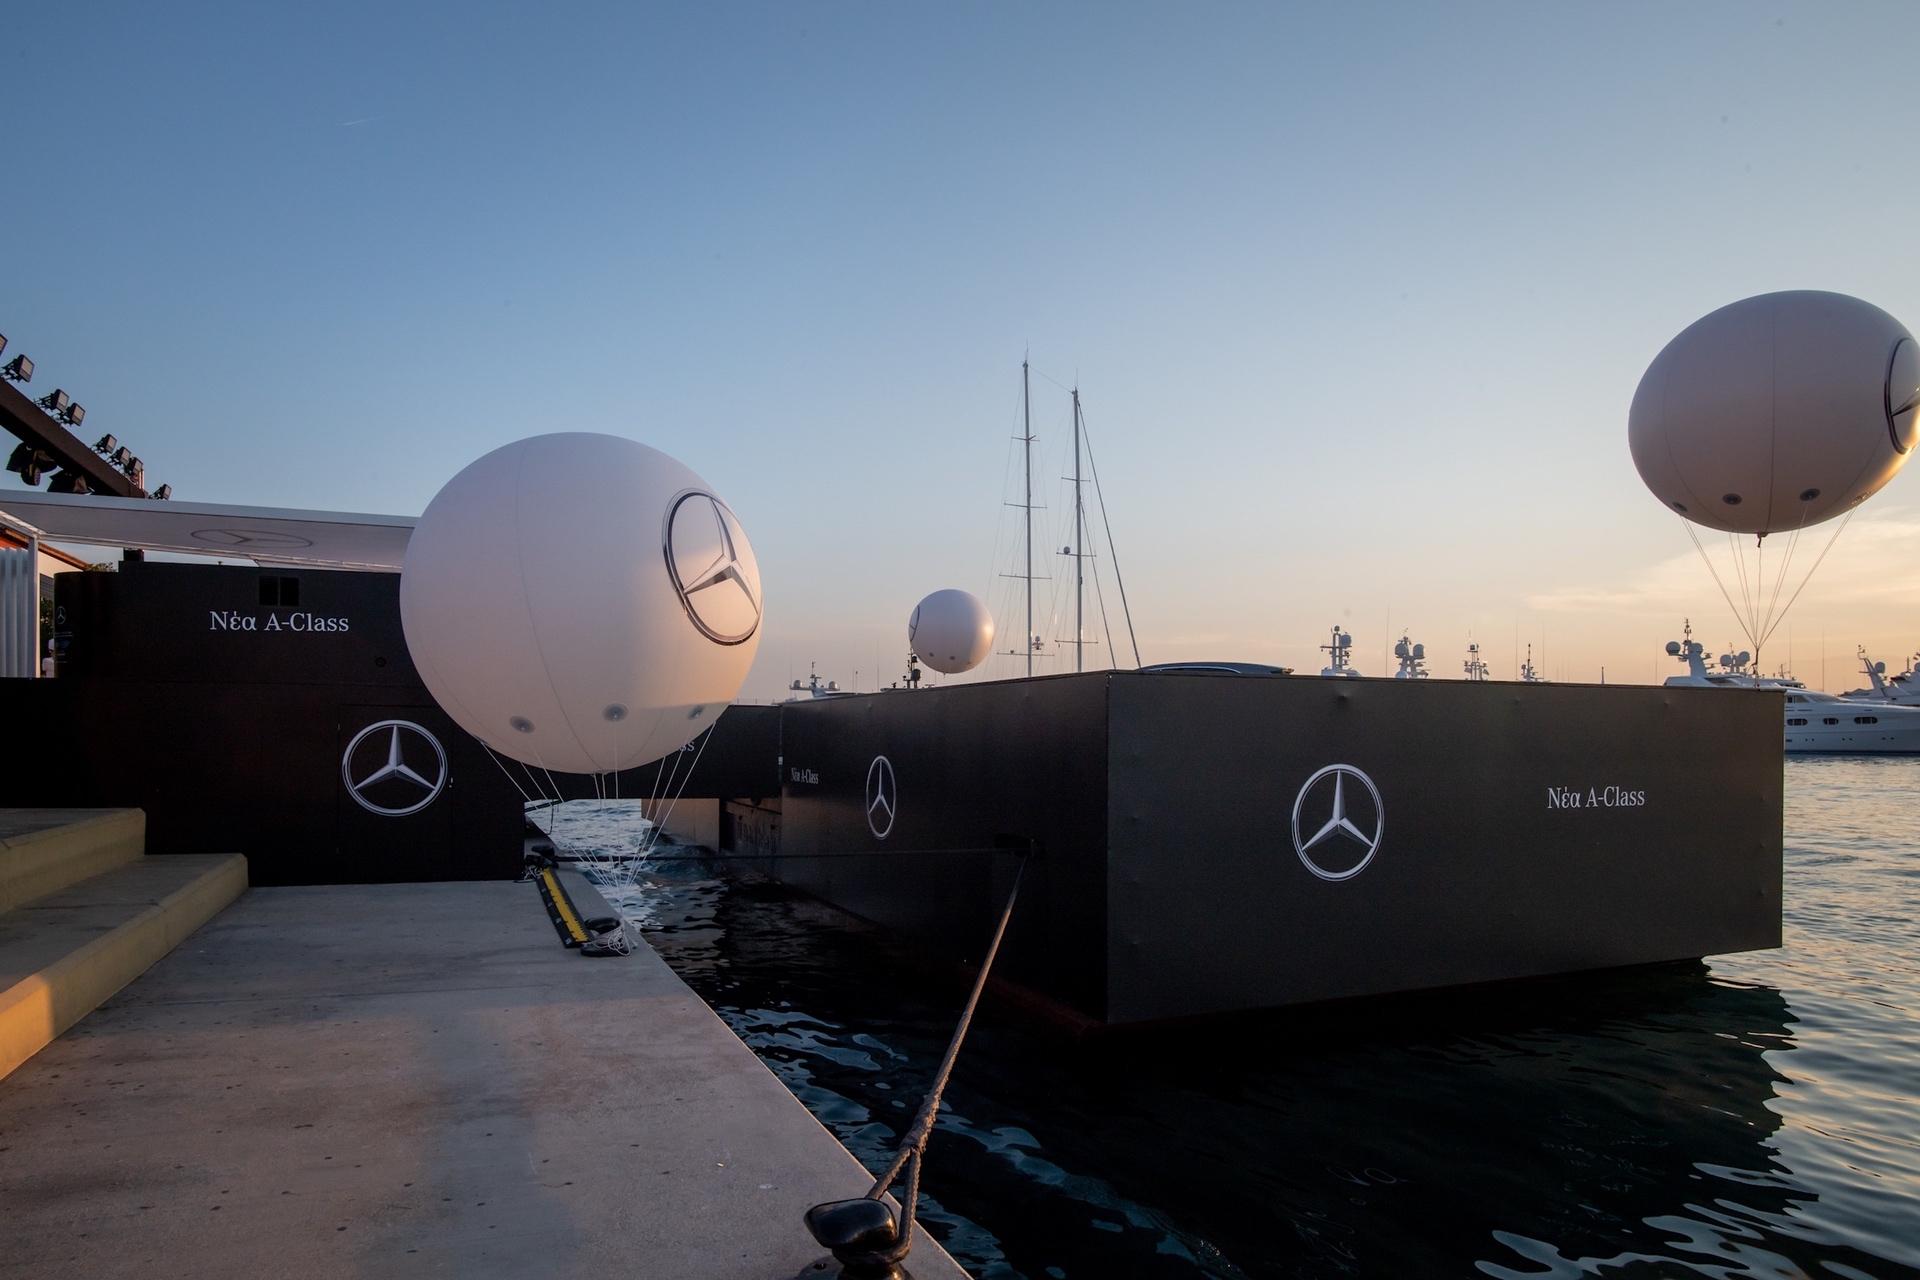 Mercedes_A-Class_Greece_0000